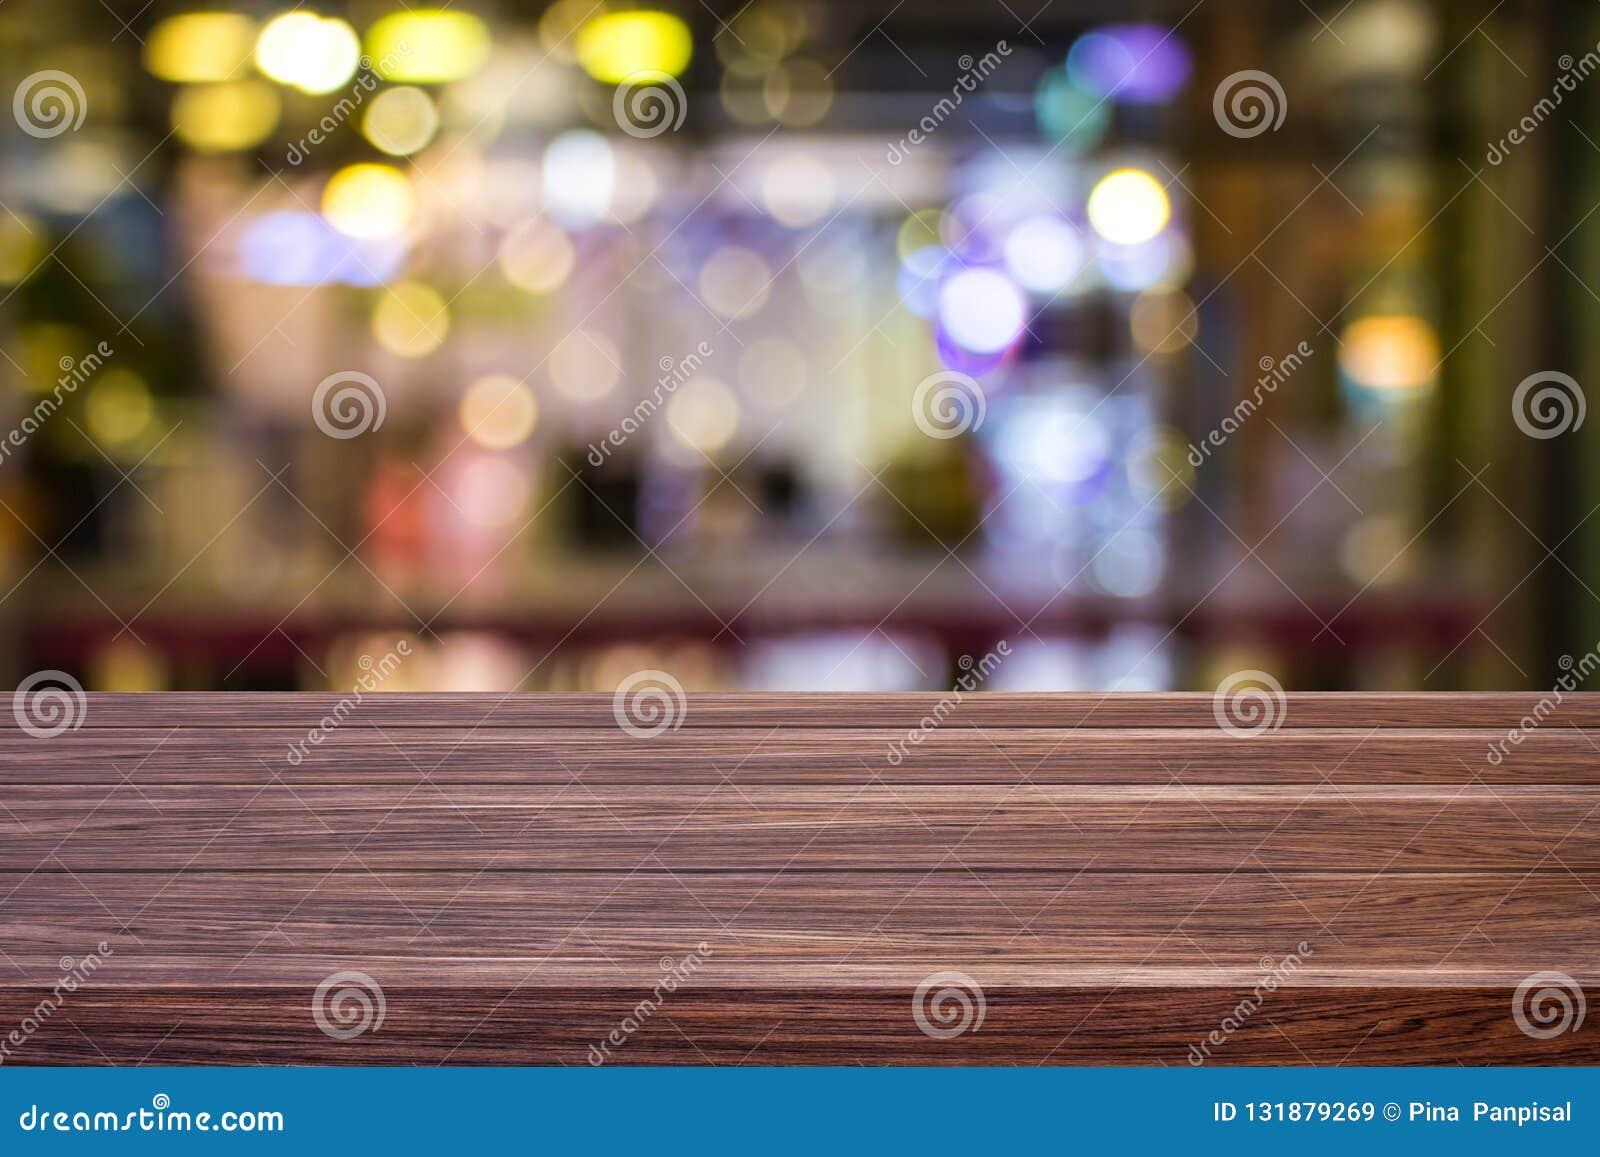 Restaurante o cafetería del café de la falta de definición vacía de la tabla de madera oscura con el fondo abstracto borroso del